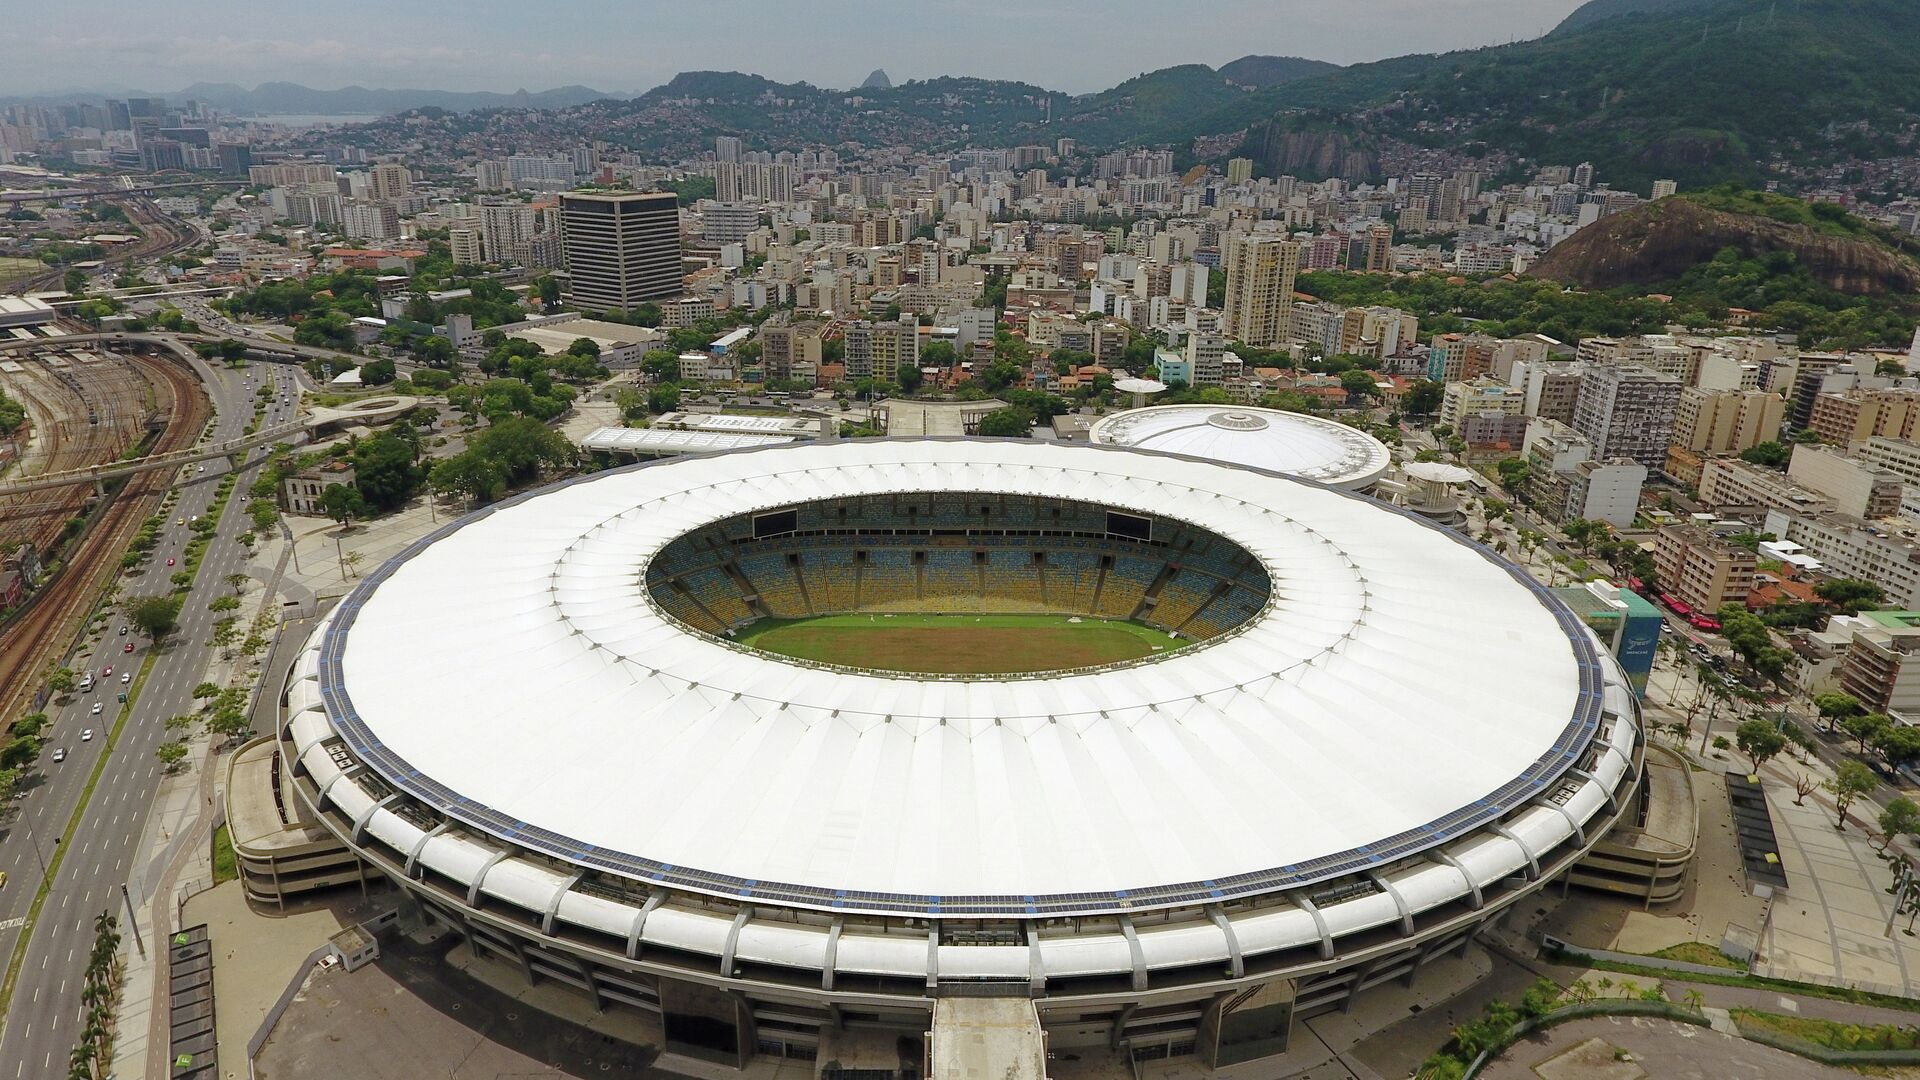 Состояние стадиона Маракана в Рио-де-Жанейро, 2017 год - РИА Новости, 1920, 01.06.2021